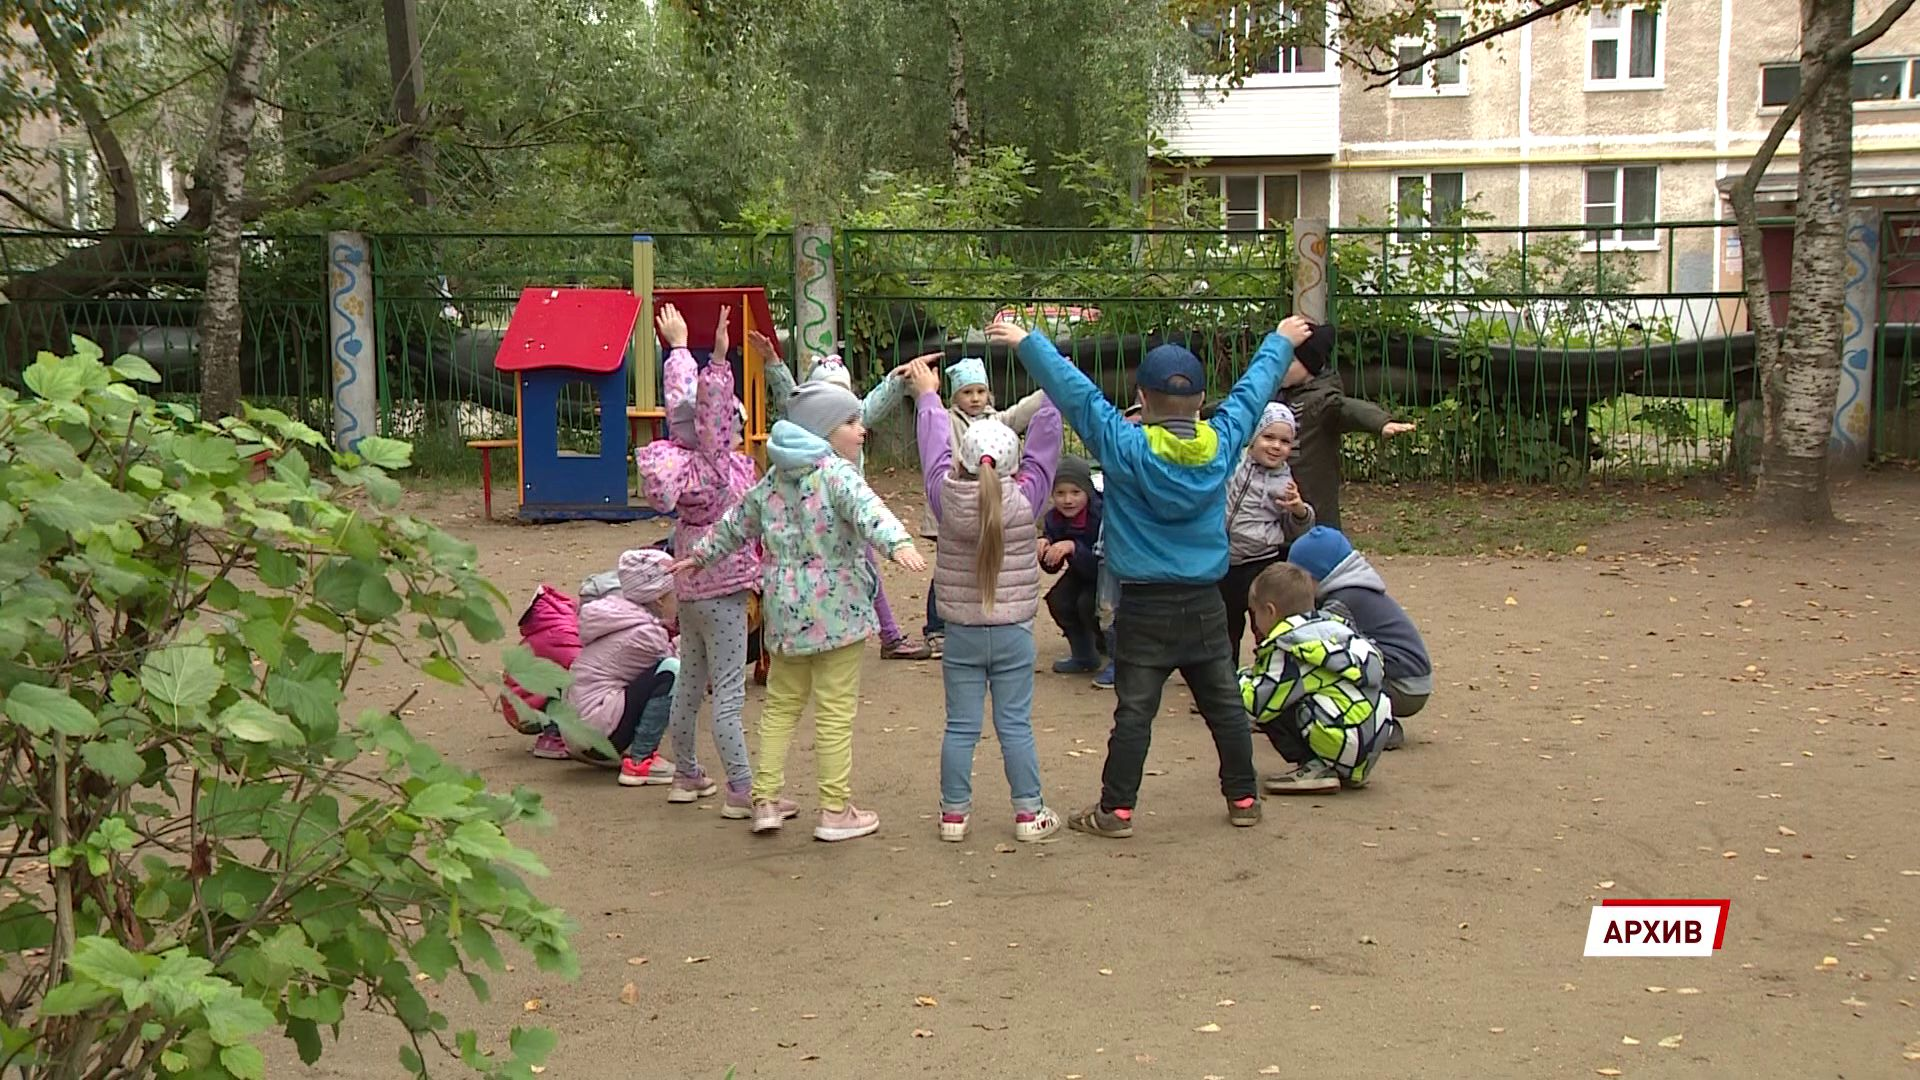 Ярославские семьи с детьми могут получить 5,5 тысяч рублей